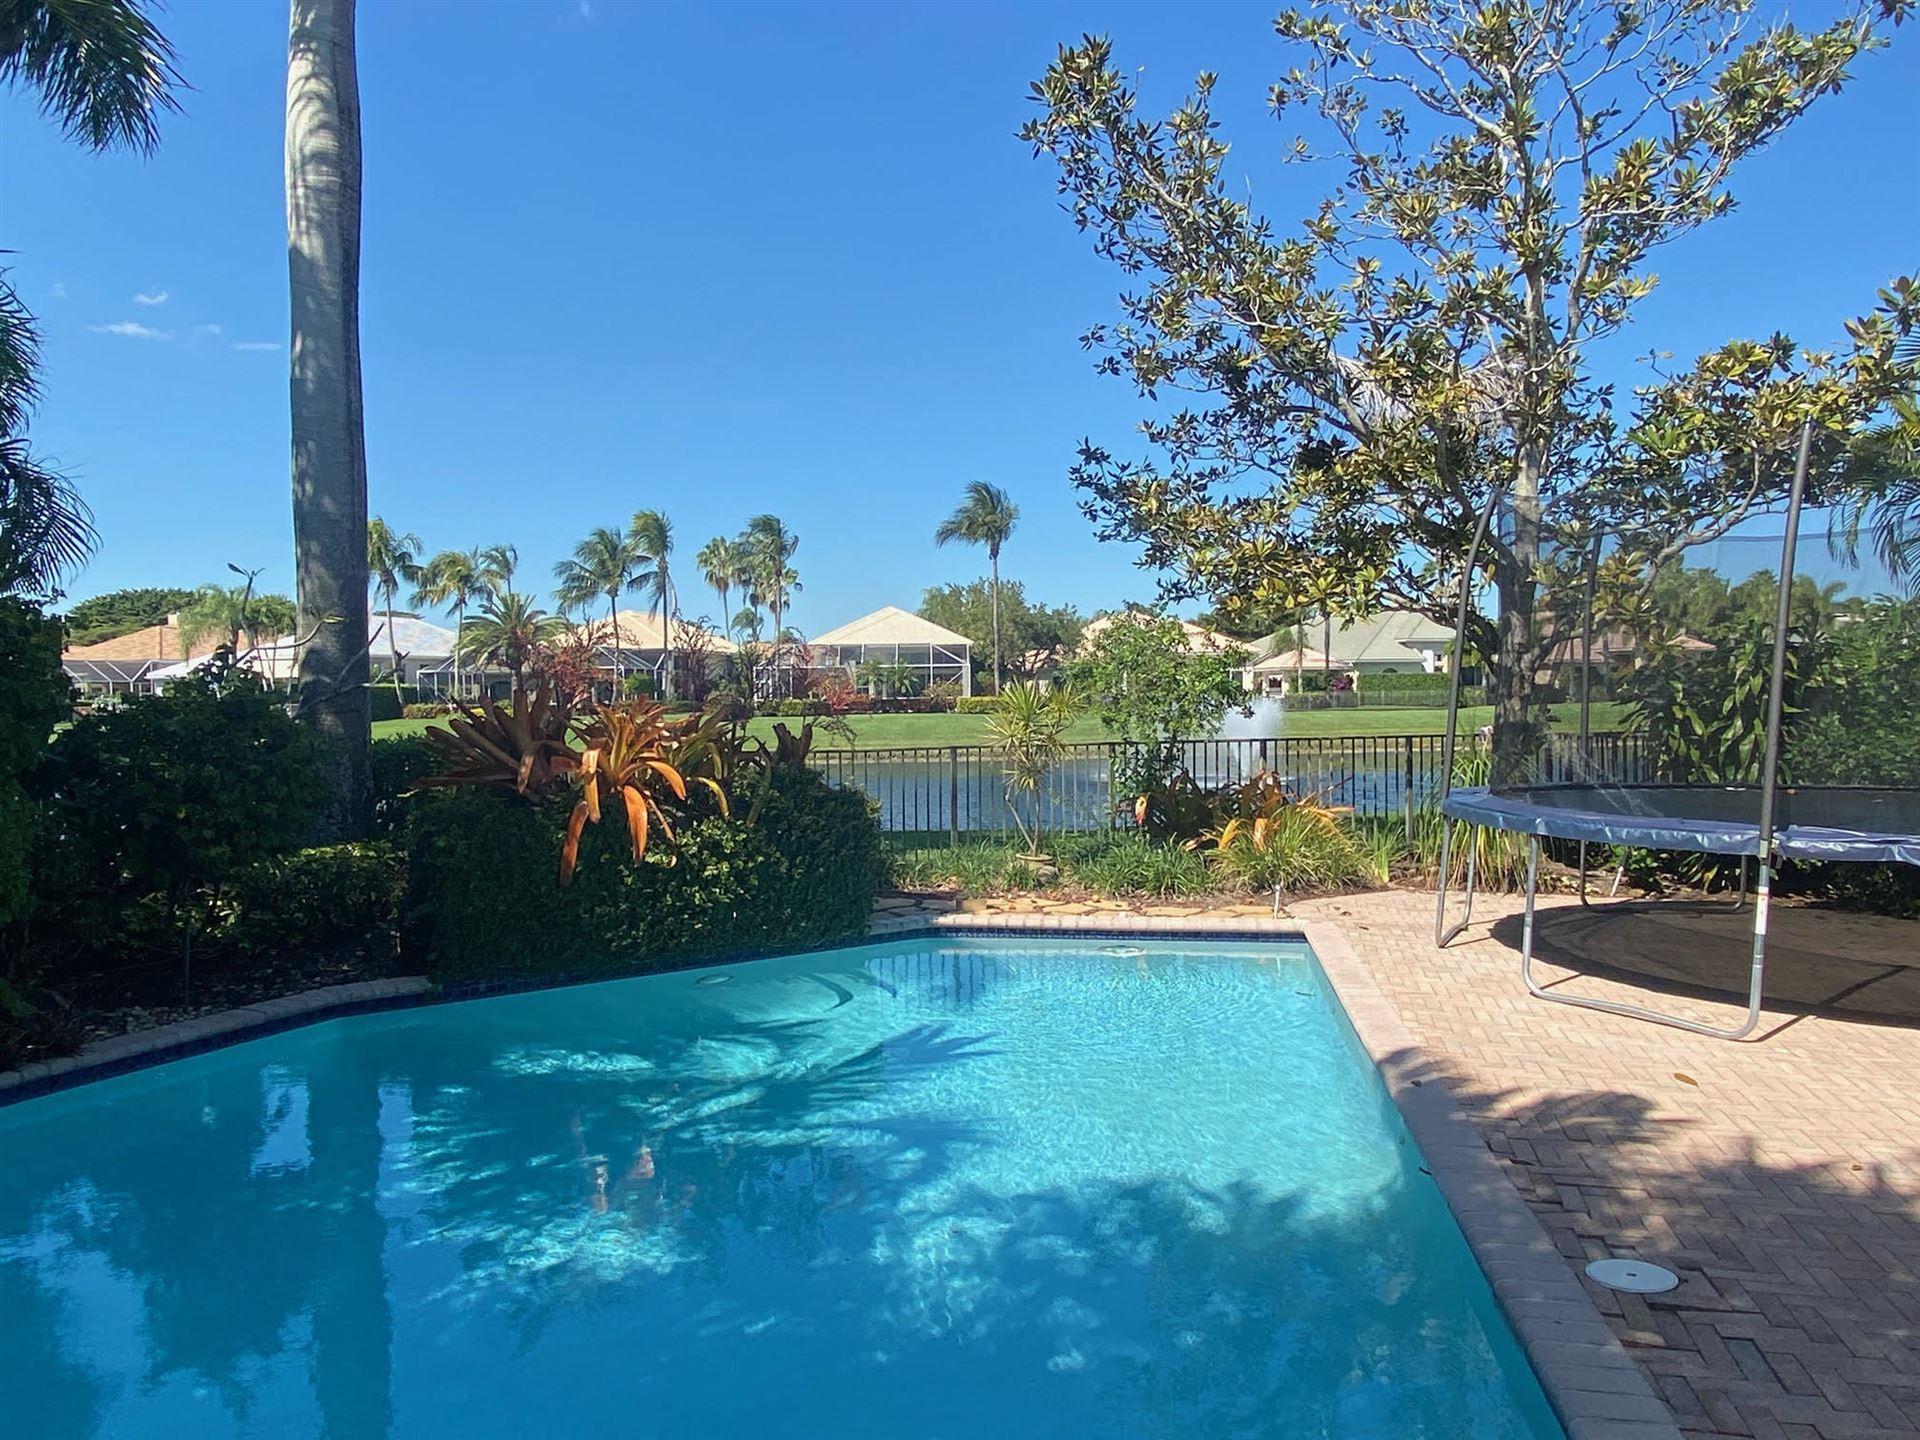 Photo of 120 Victoria Bay Court, Palm Beach Gardens, FL 33418 (MLS # RX-10694867)